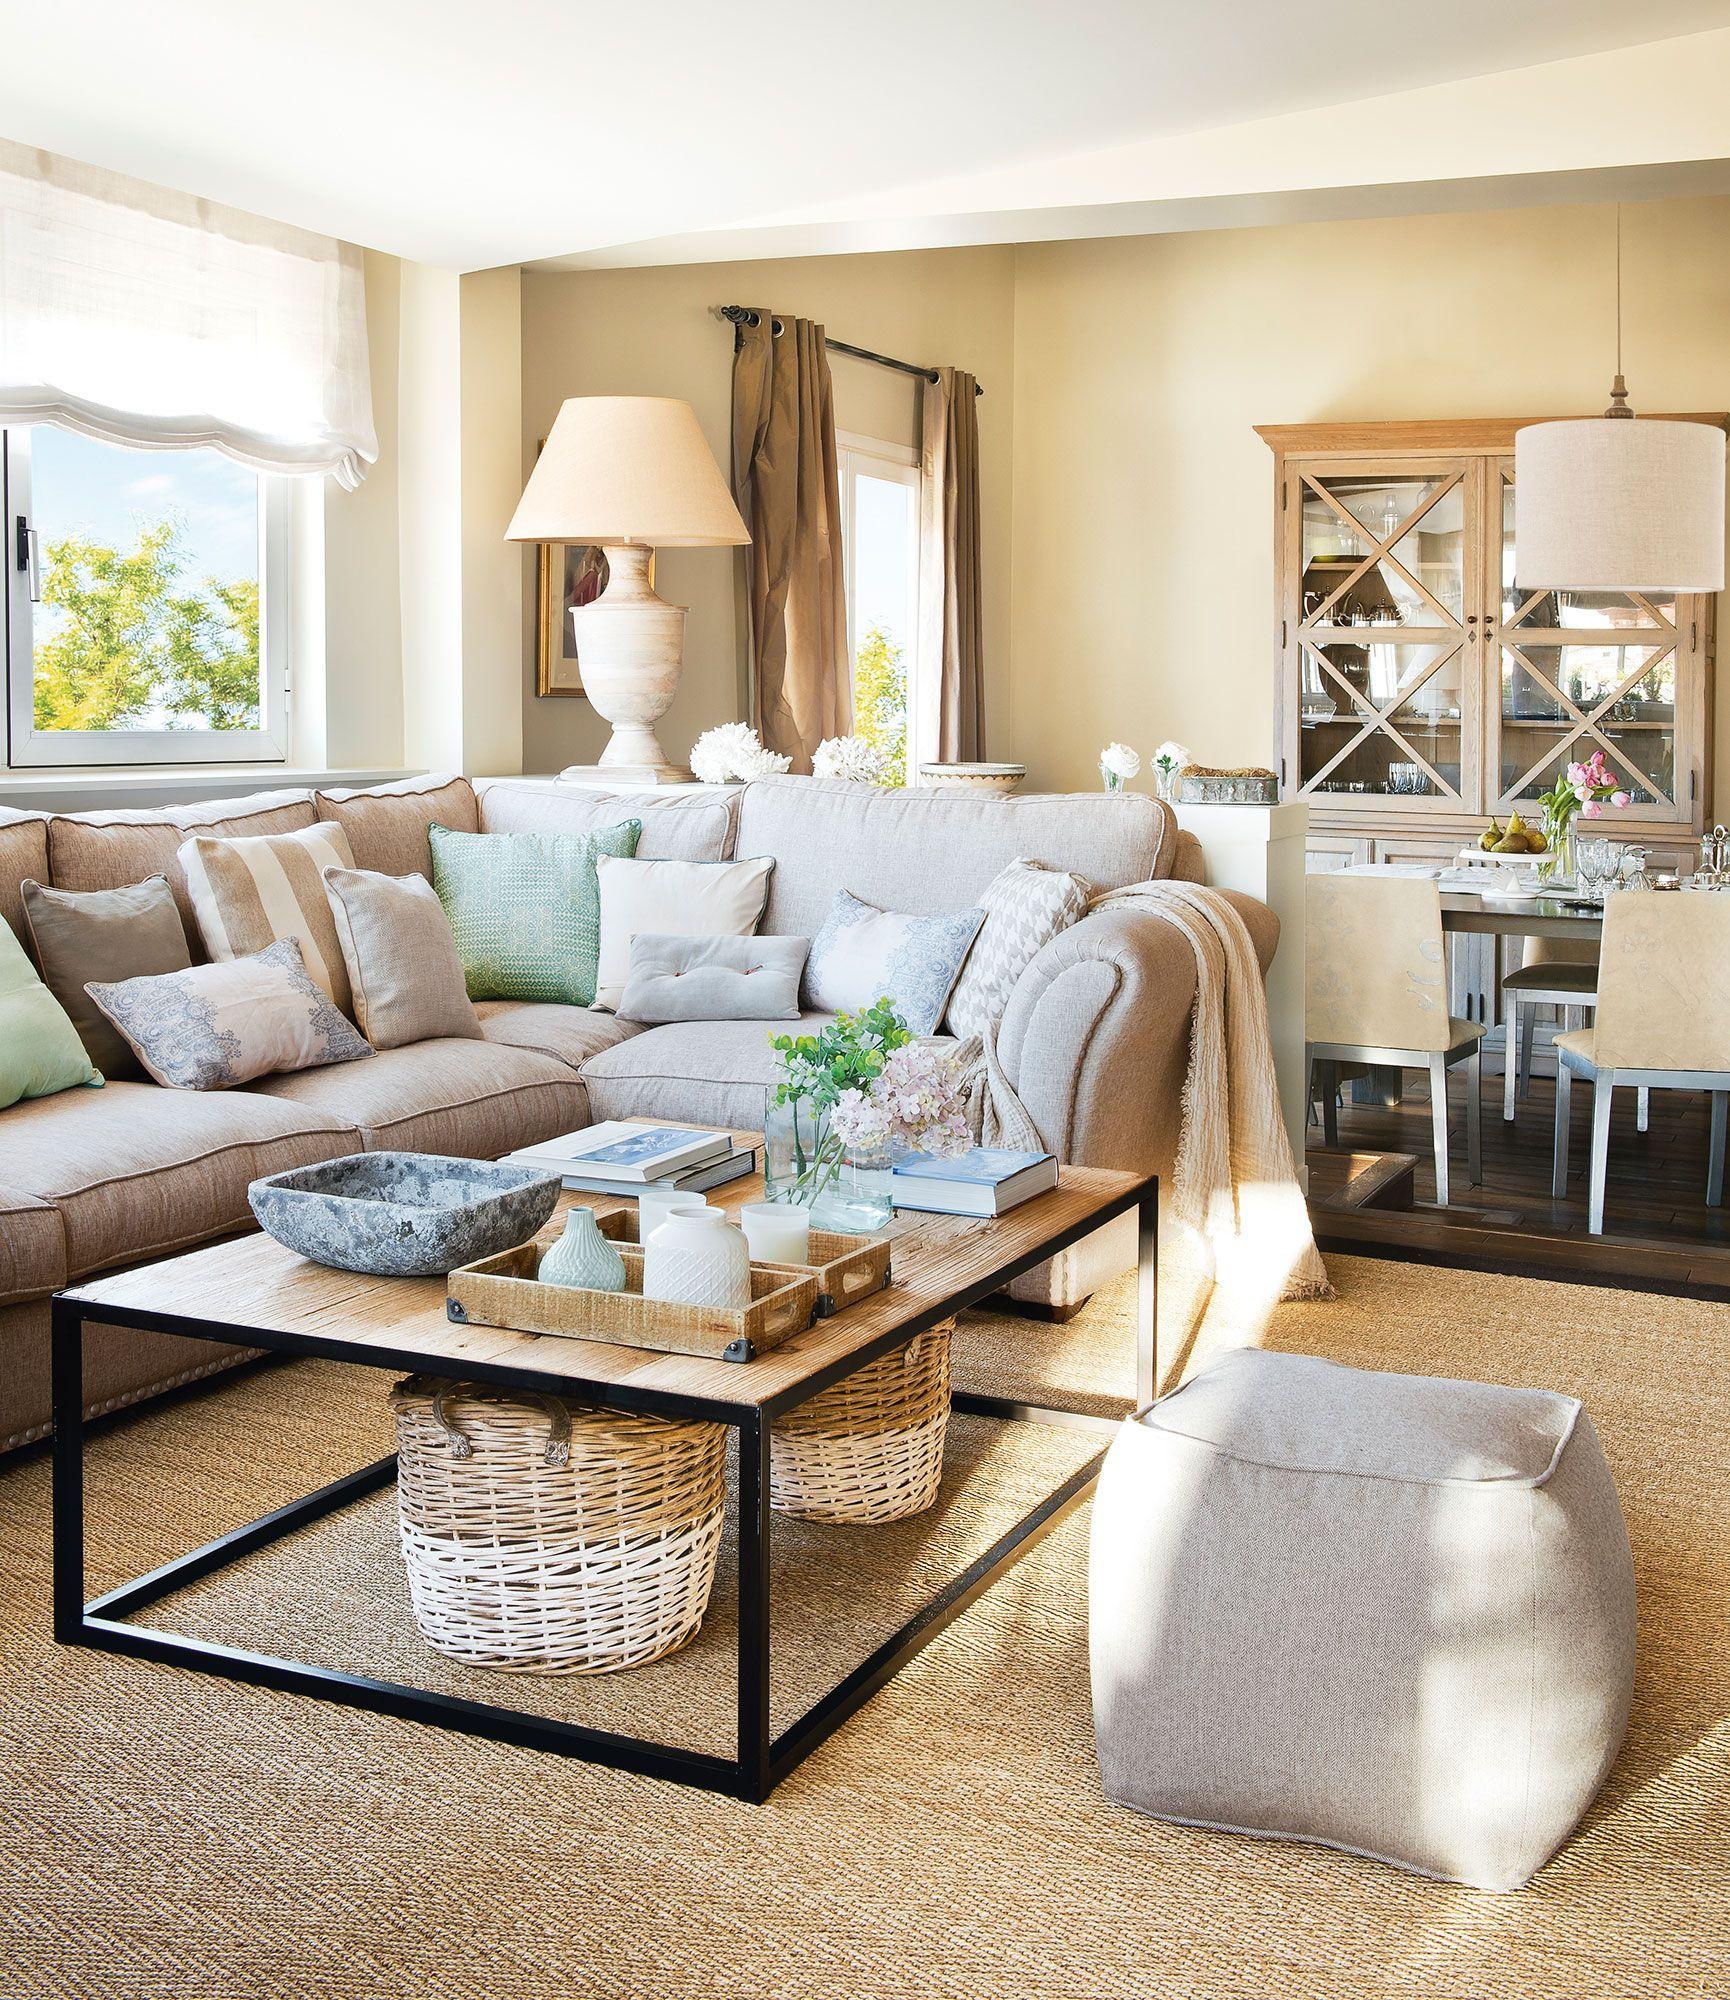 18 salones ideales: ideas de decoradora para tener un salón